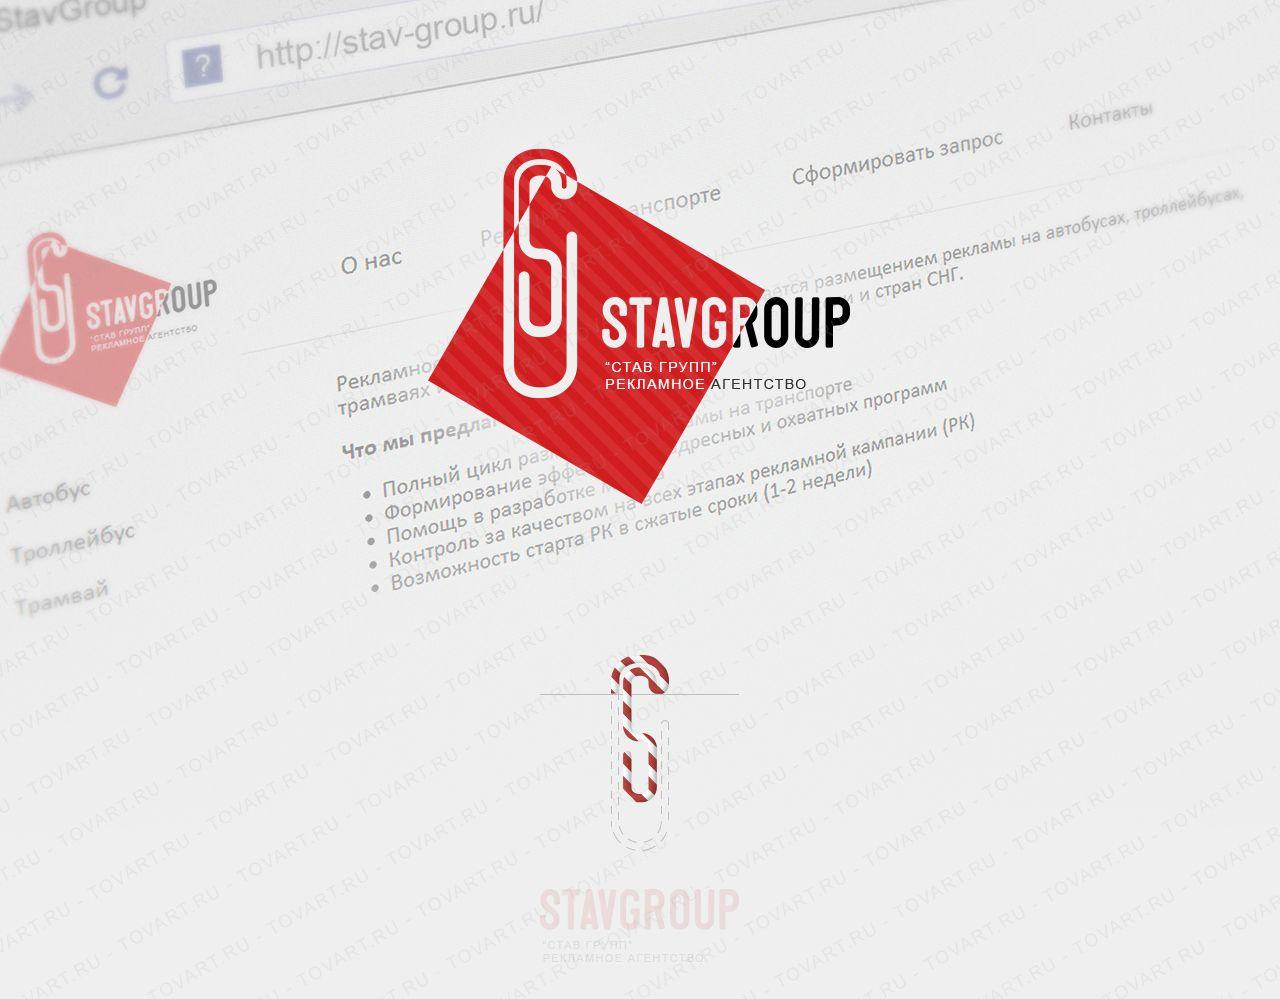 Лого и фирменный стиль для STAVGROUP - дизайнер slavikx3m